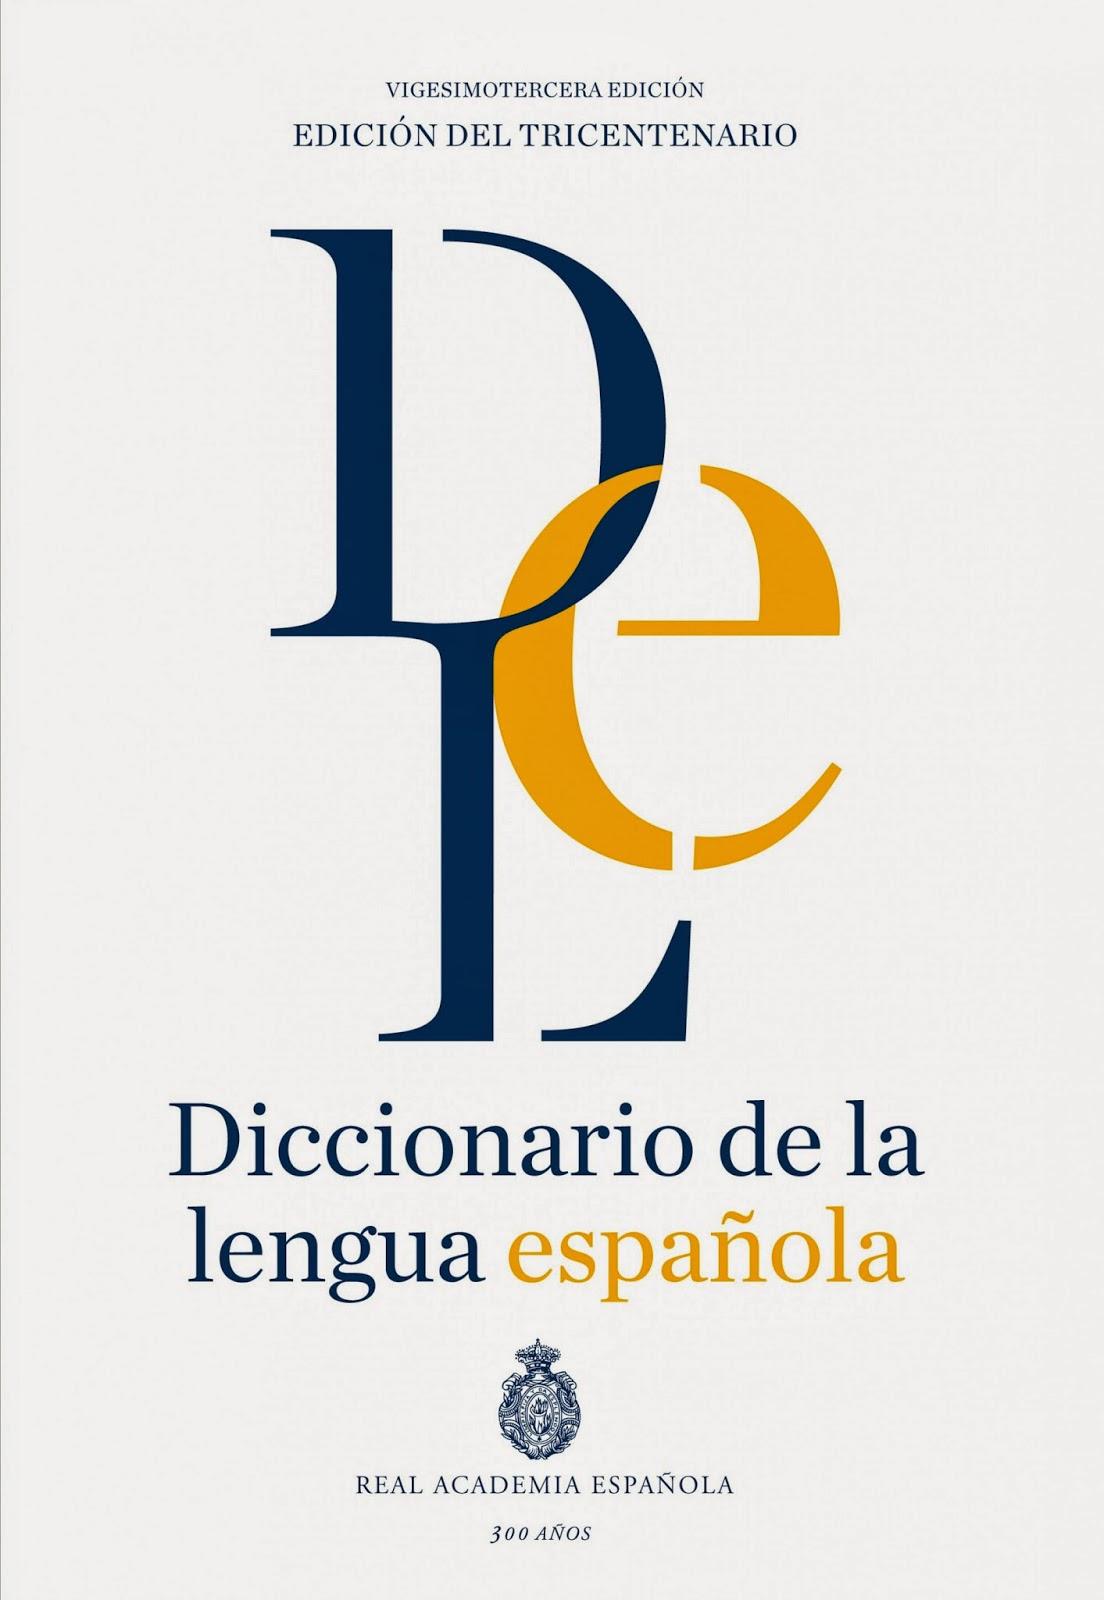 Diccionario de la lengua española 23 edición